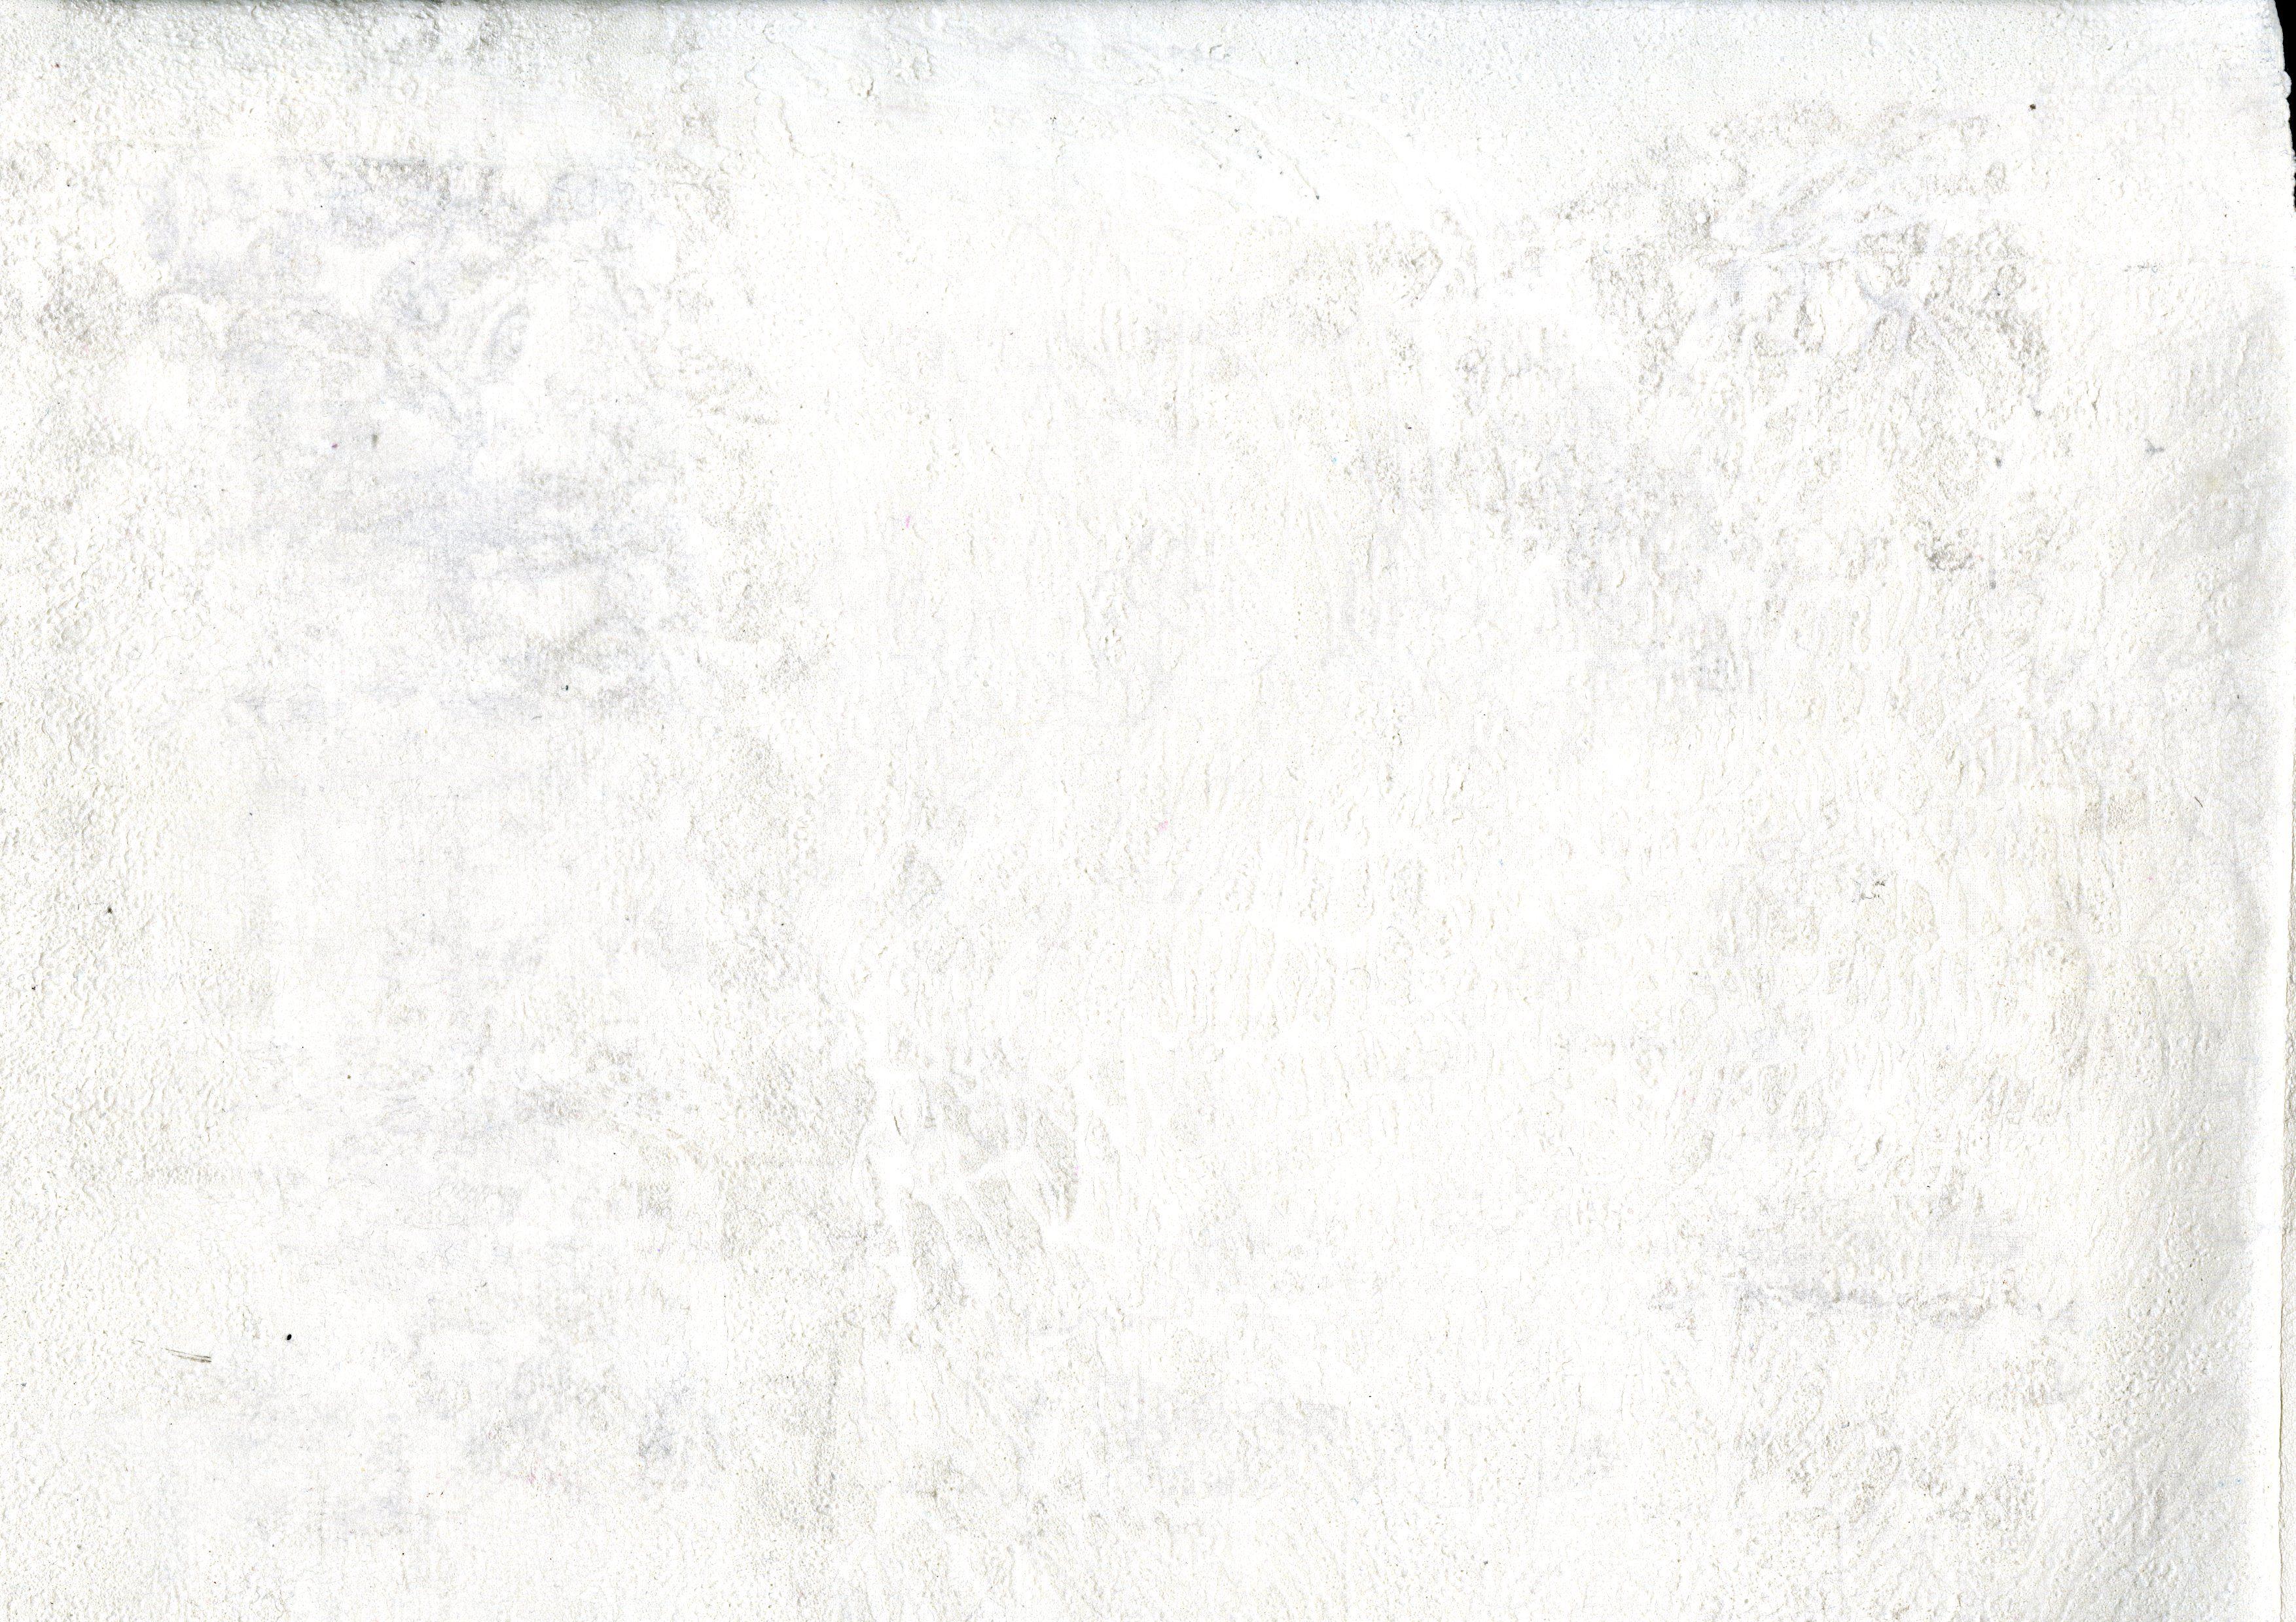 White On White Texture